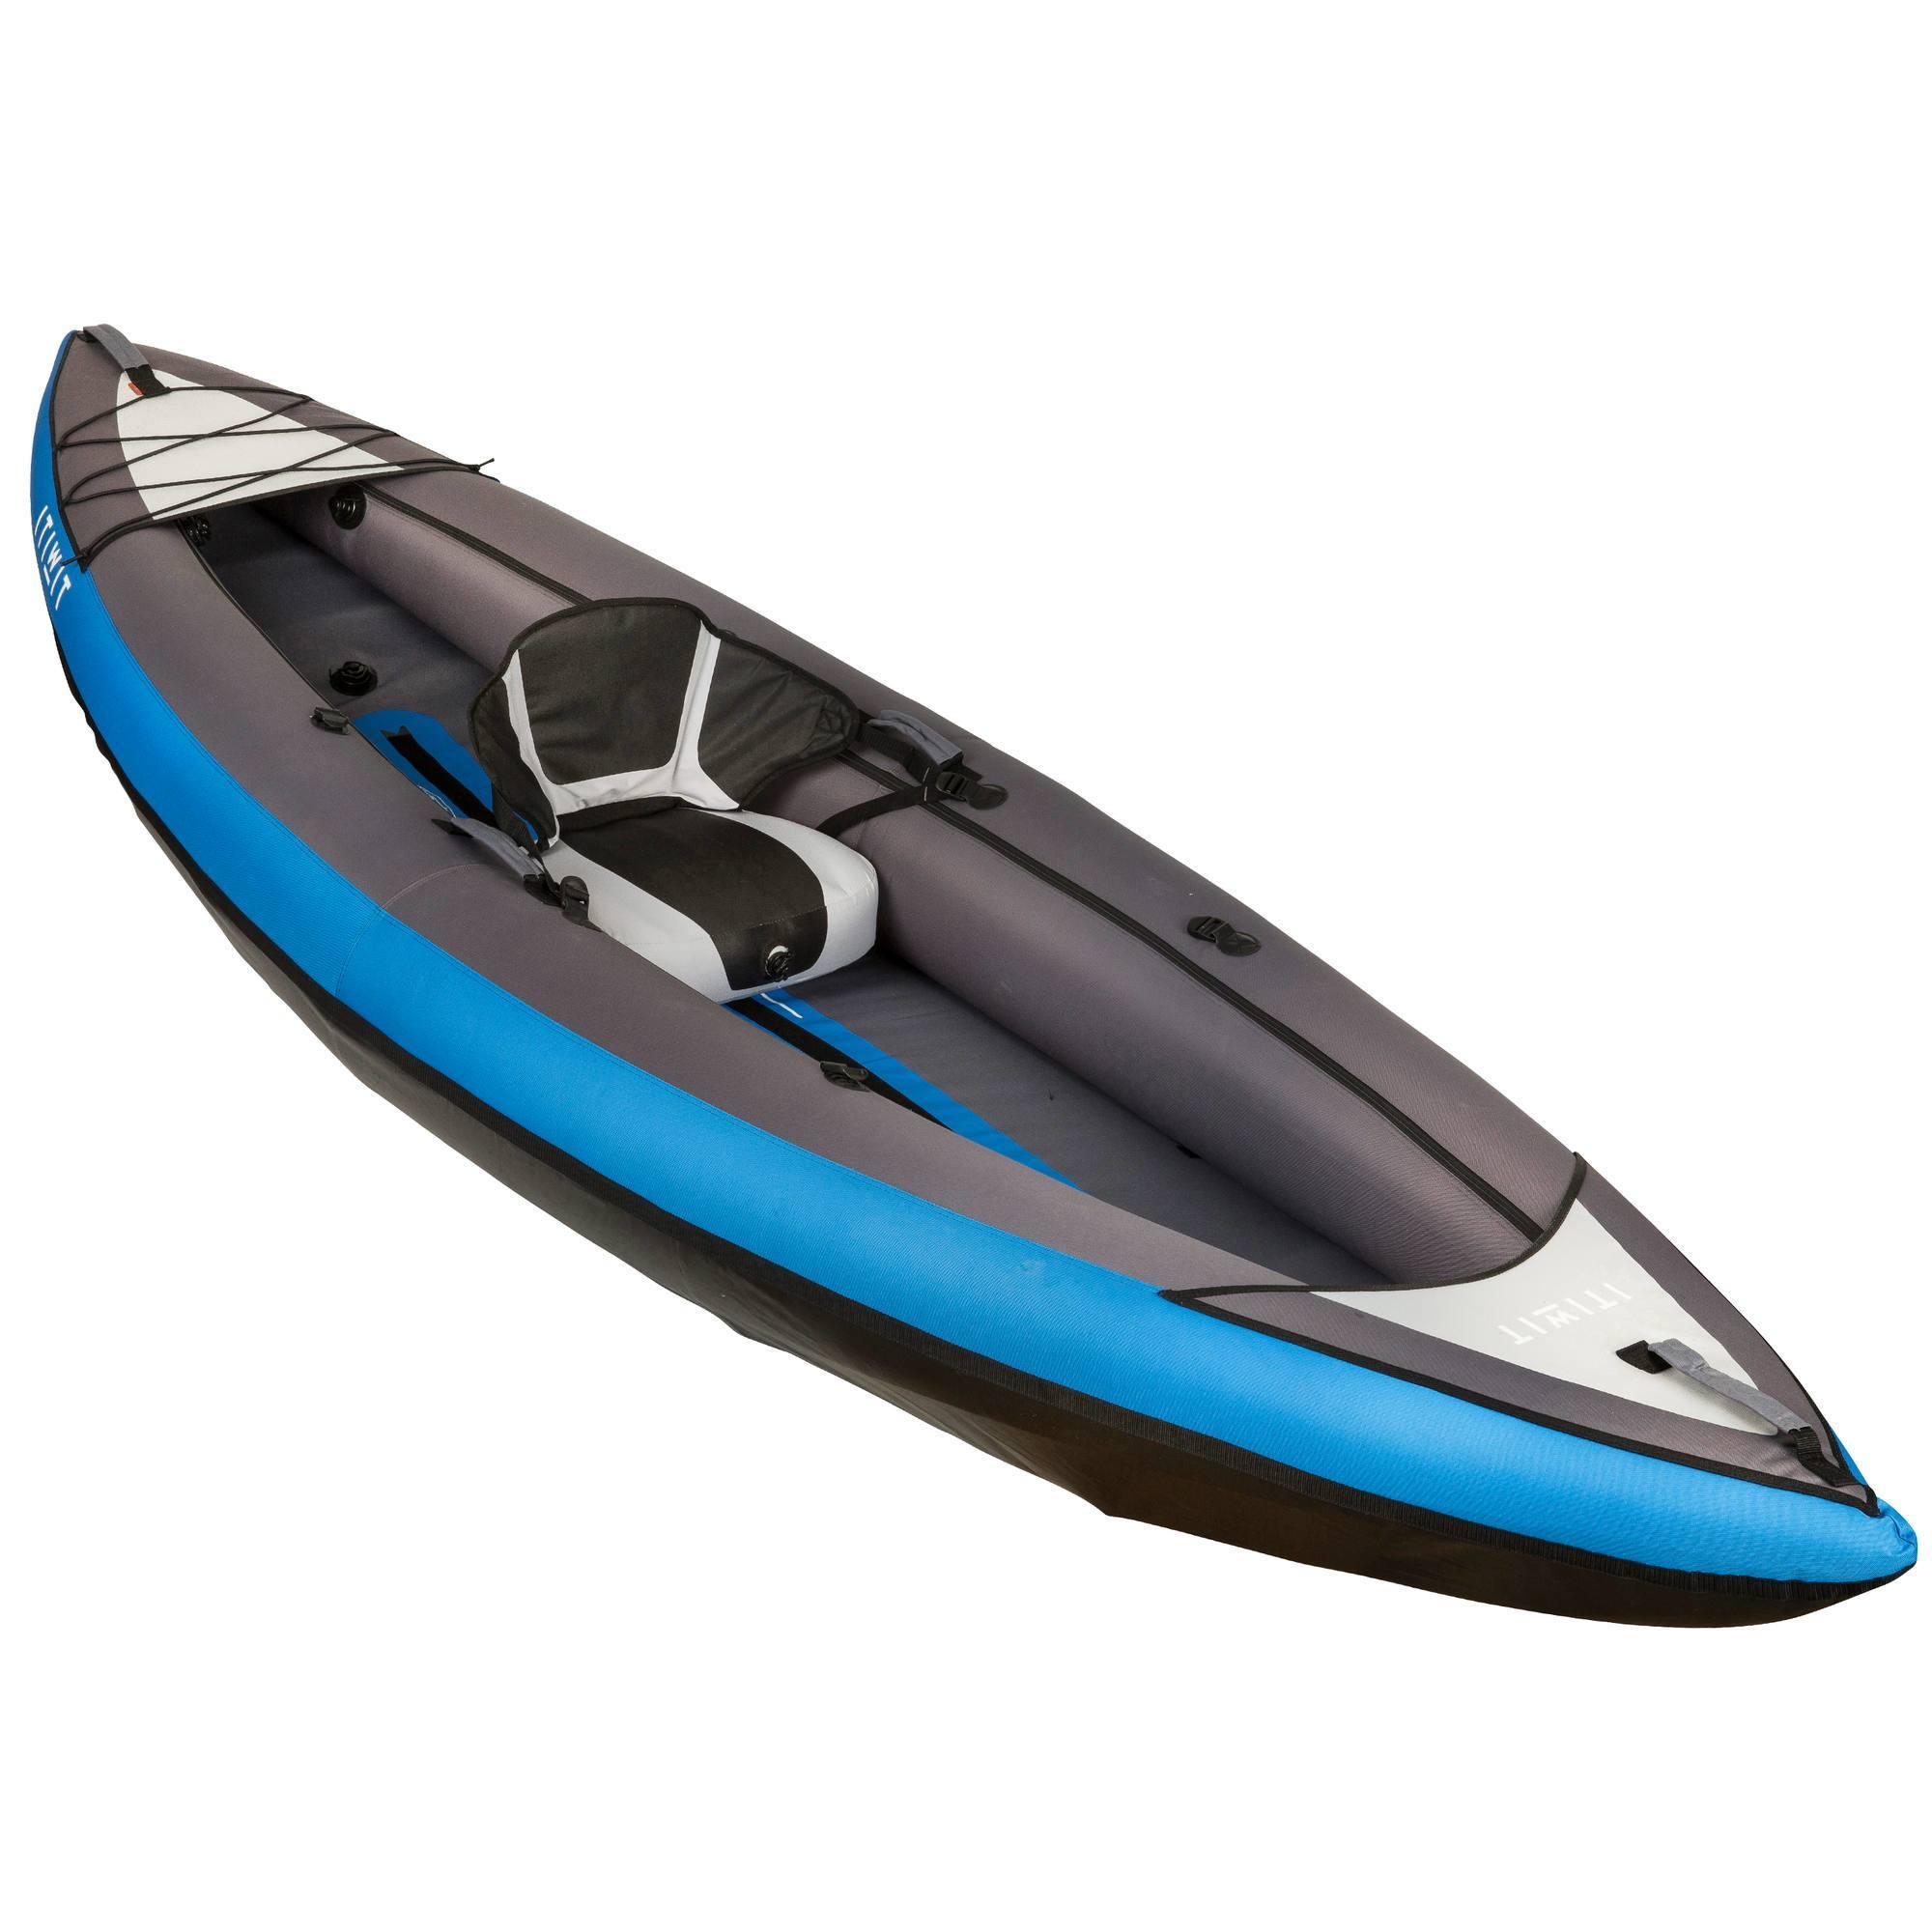 canoe kayak gonflable 1 2 places bleu clubs. Black Bedroom Furniture Sets. Home Design Ideas